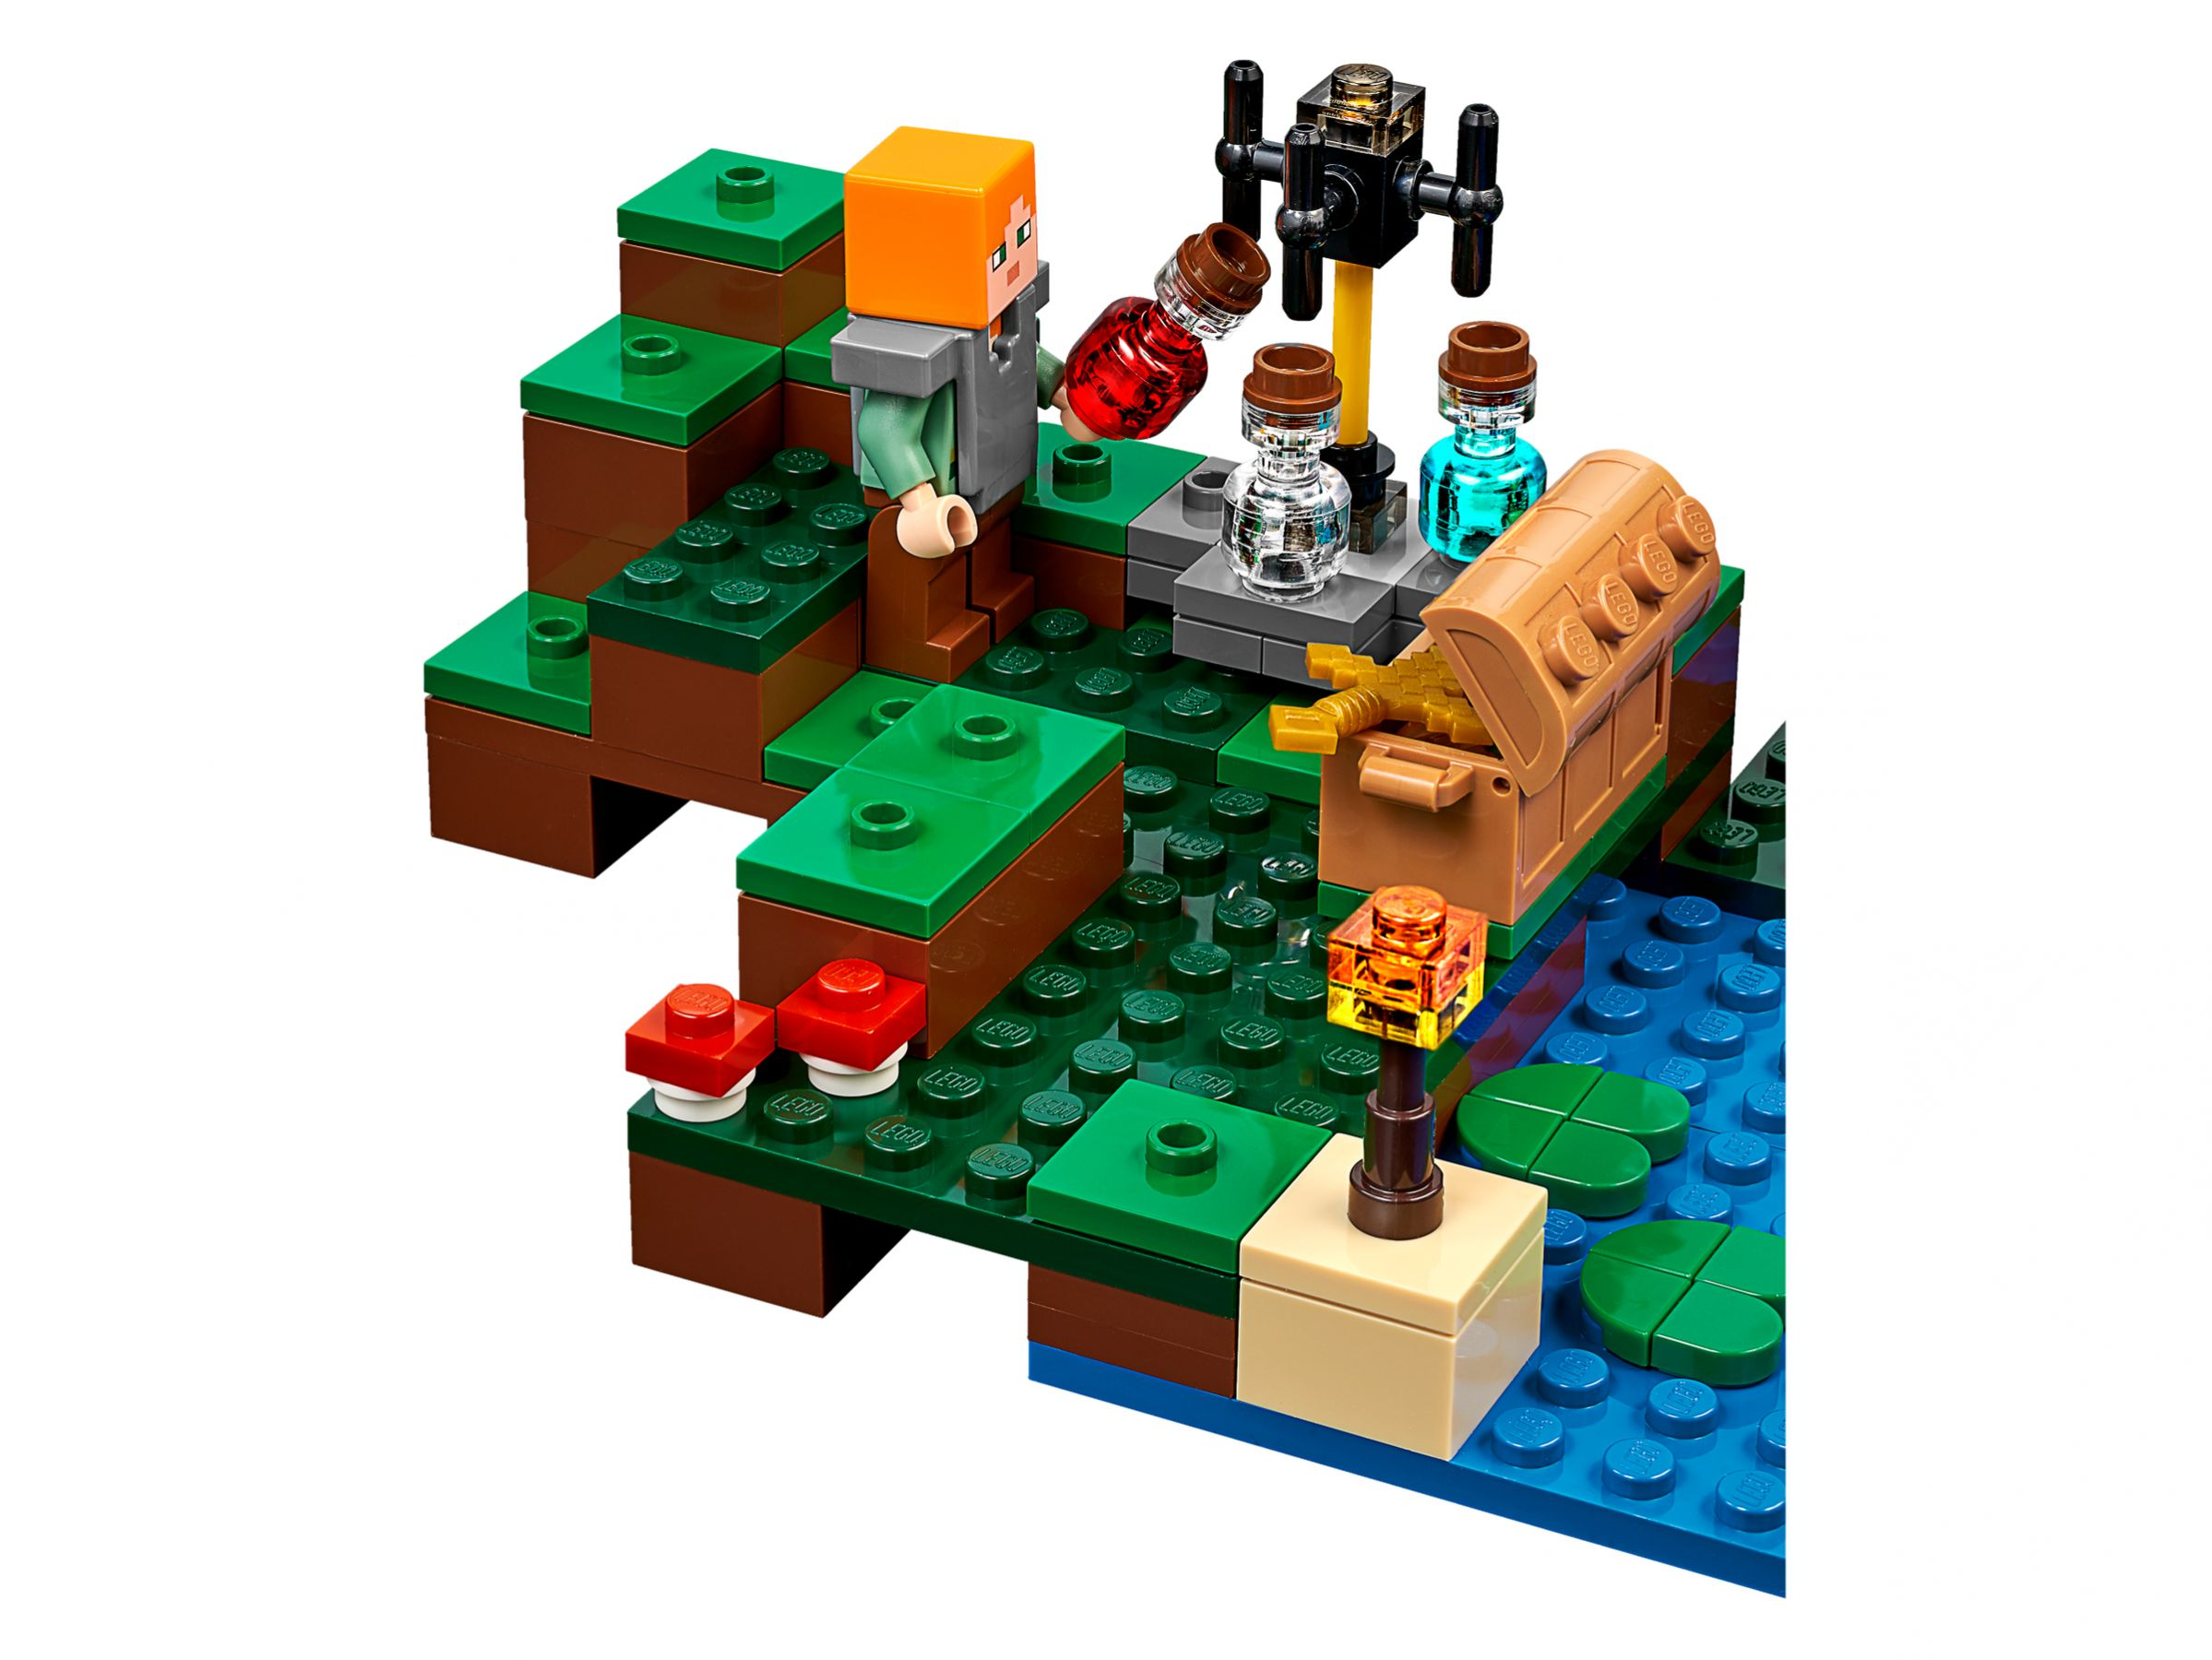 LEGO Das Hexenhaus Minecraft Witch House Brickmerge - Minecraft hexenhauser